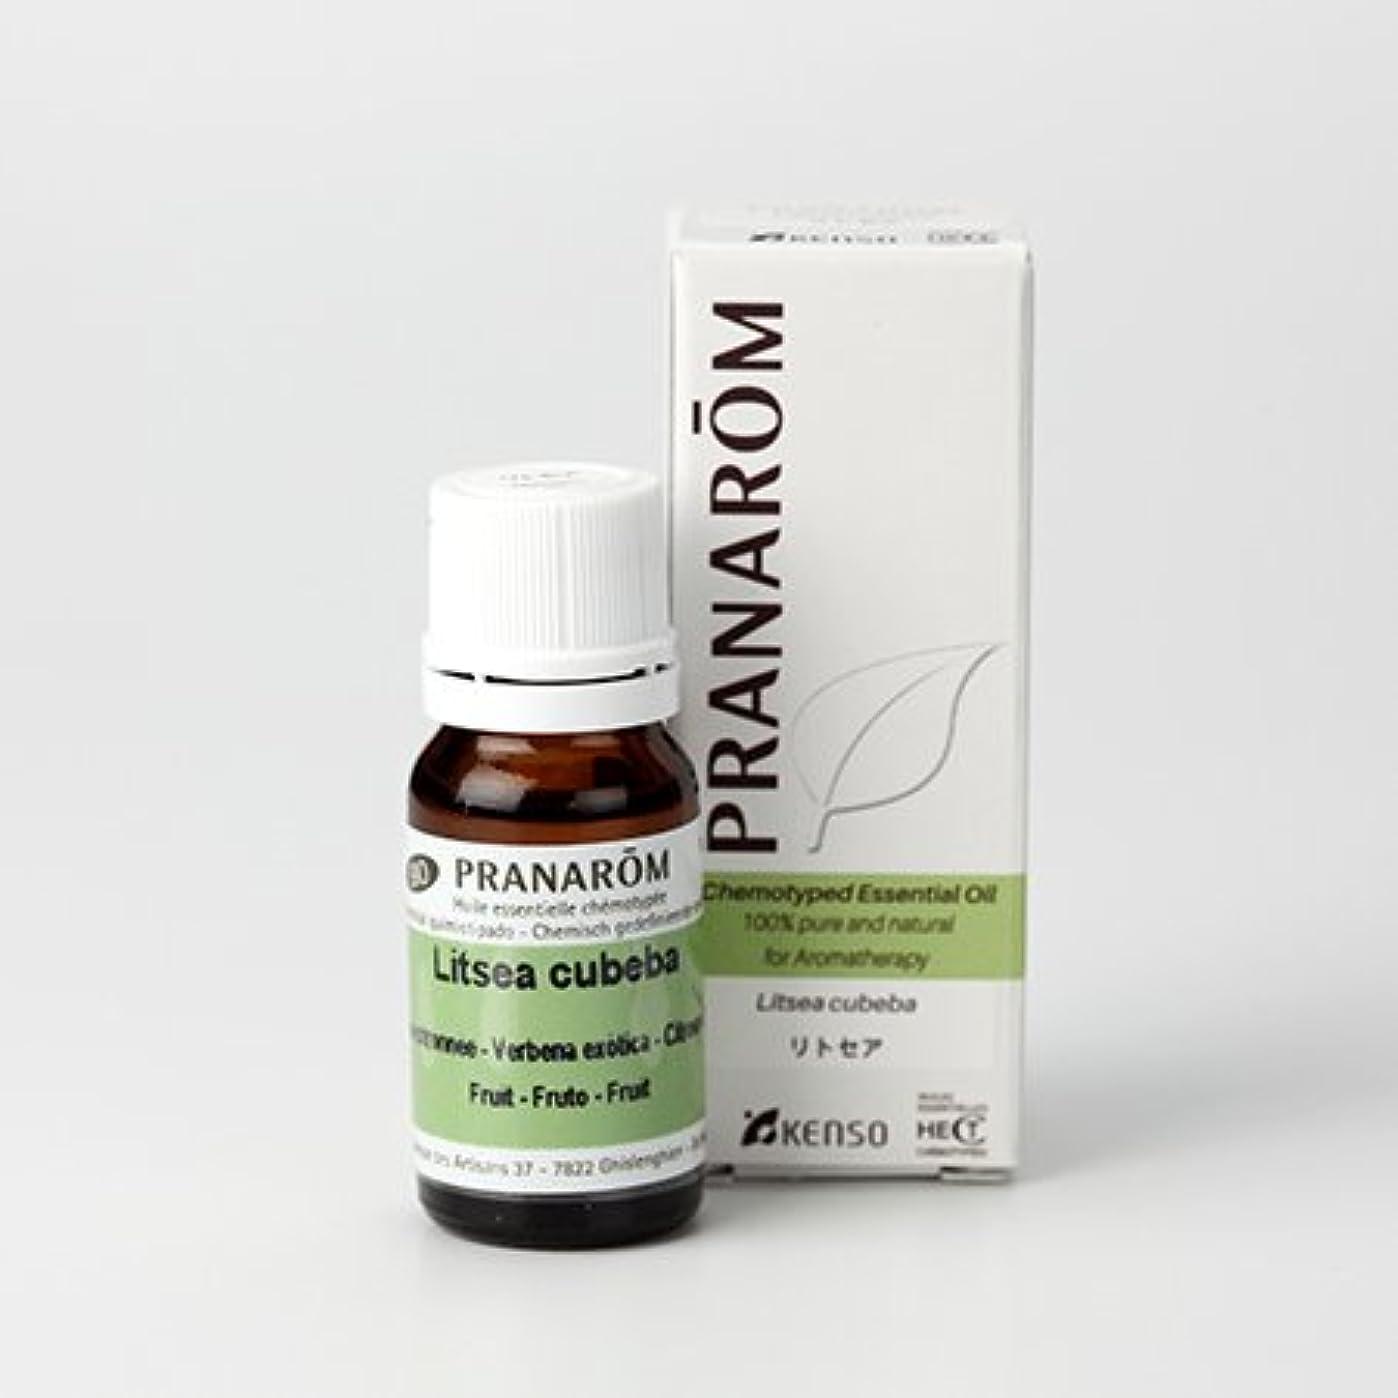 ビスケット前提膨張するプラナロム ( PRANAROM ) 精油 リトセア 10ml p-107